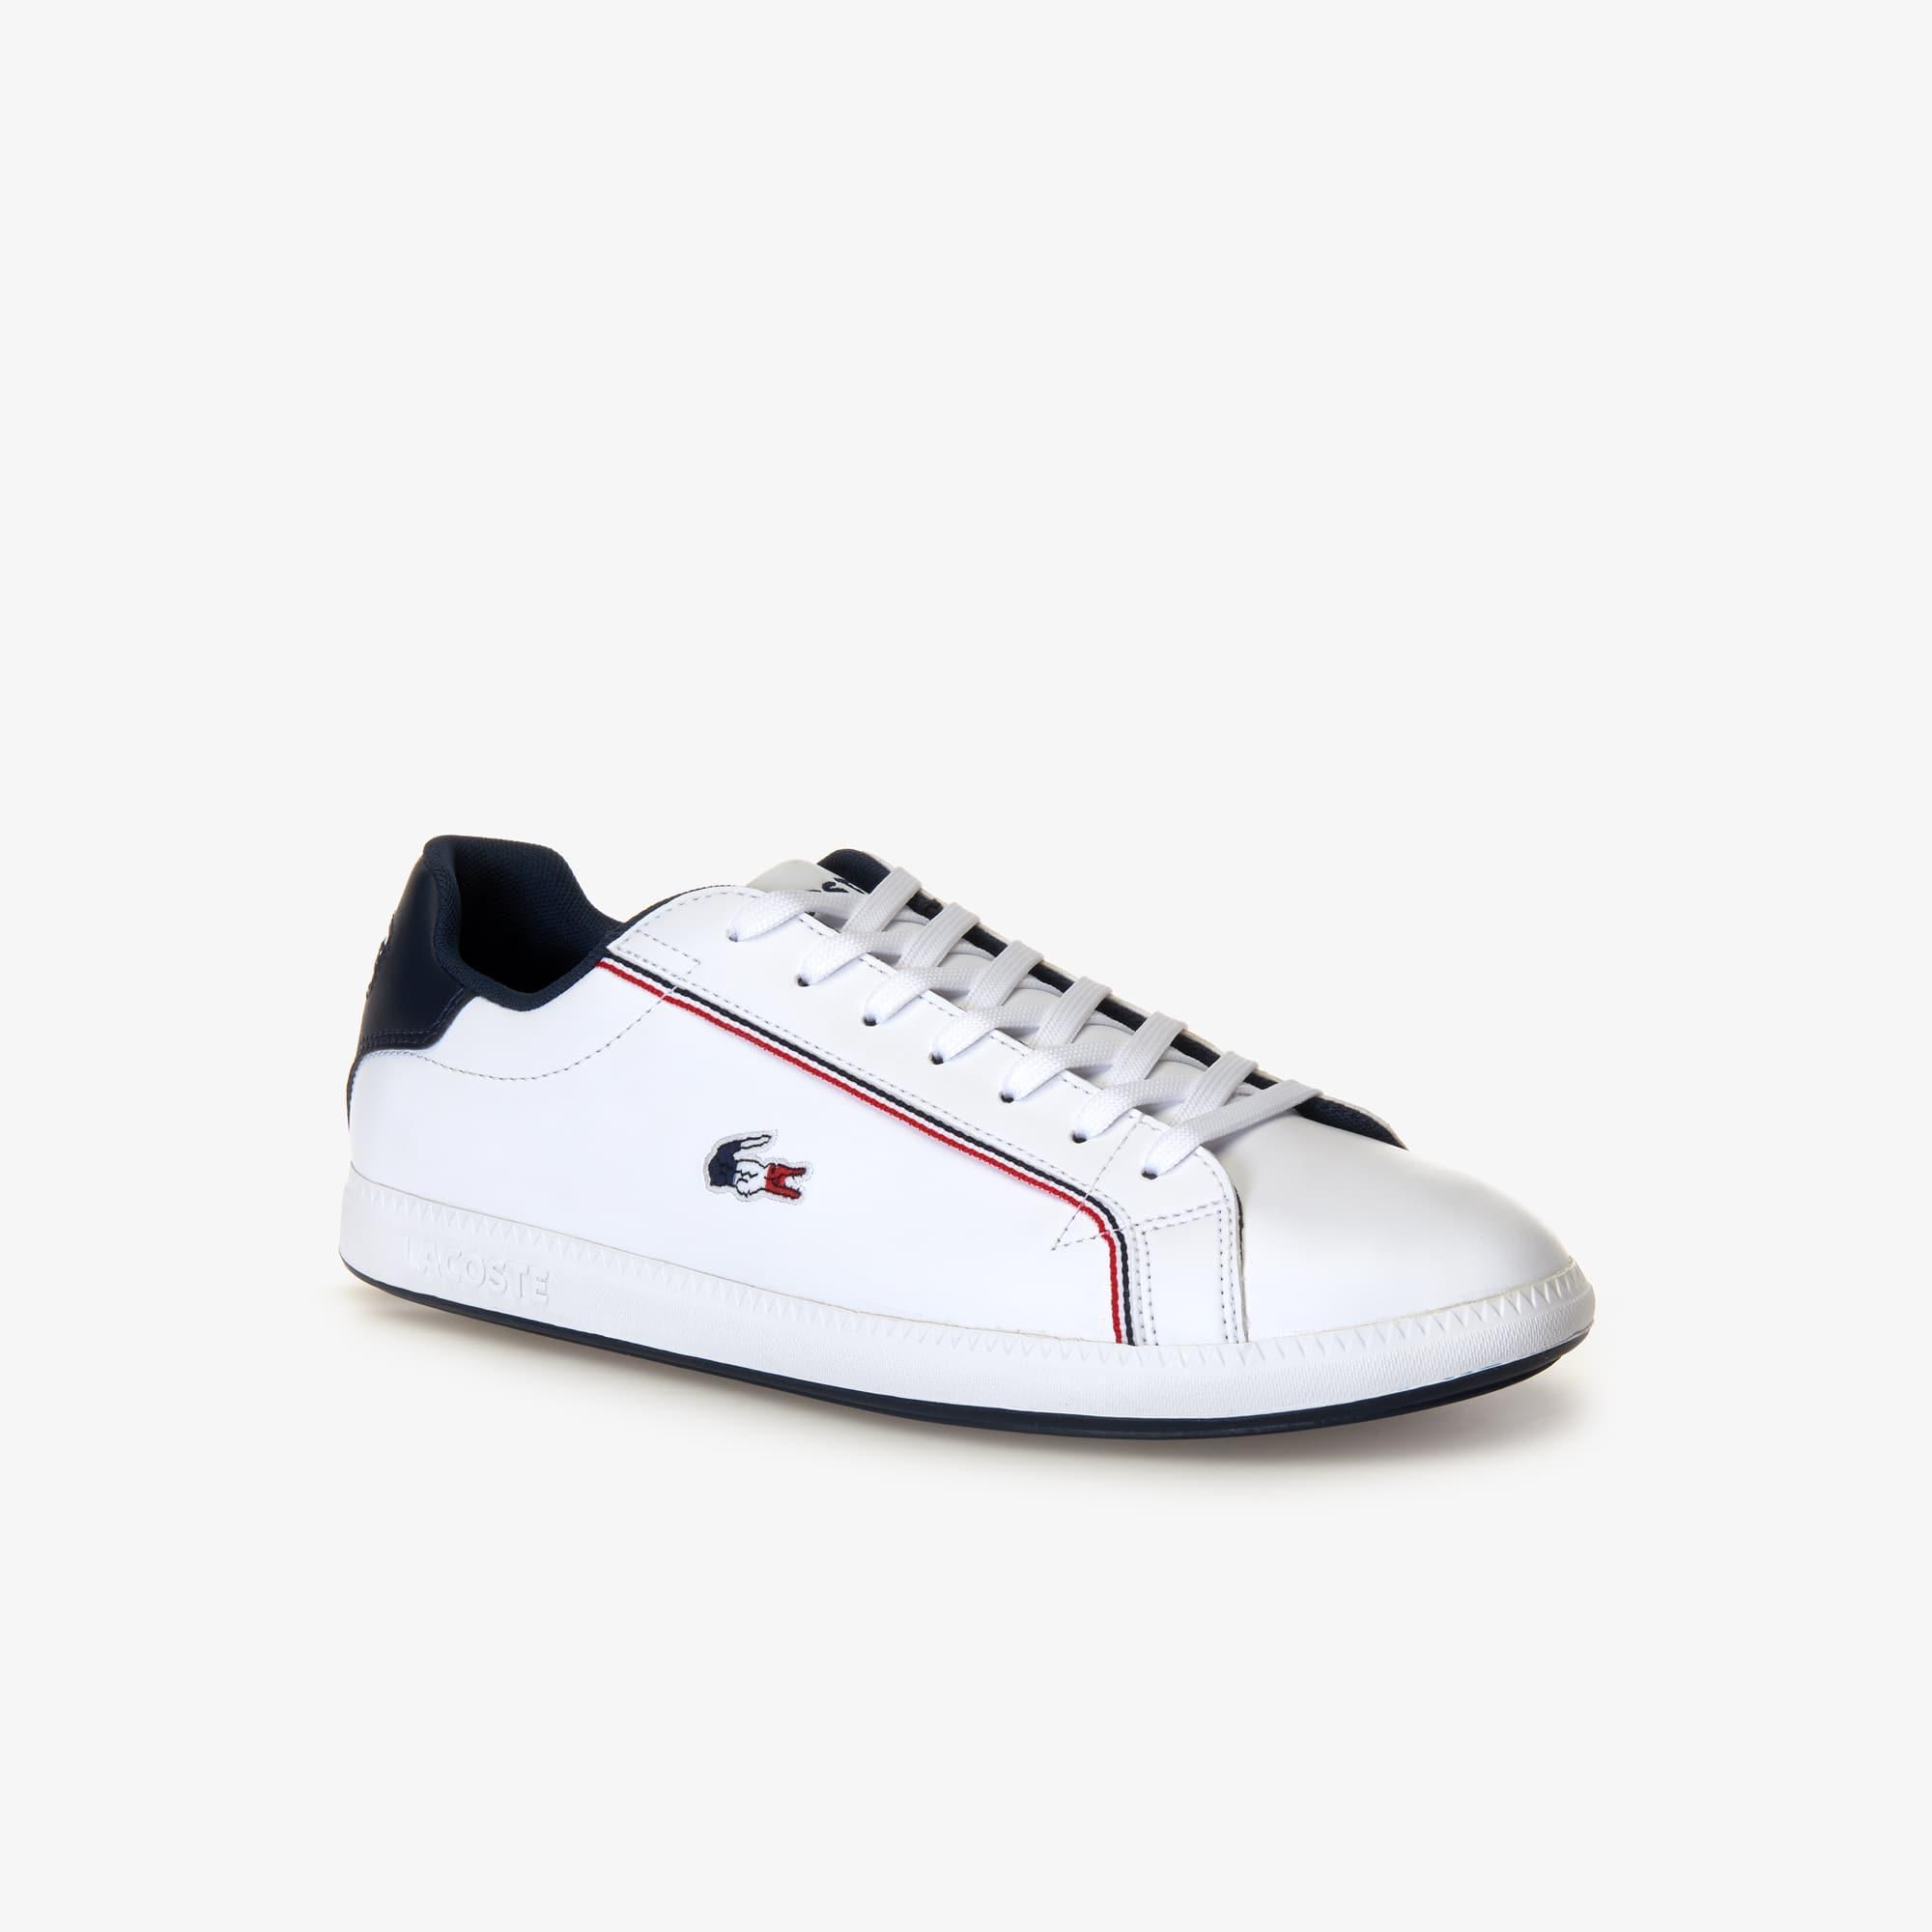 6c61ce2c6 Shoes collection